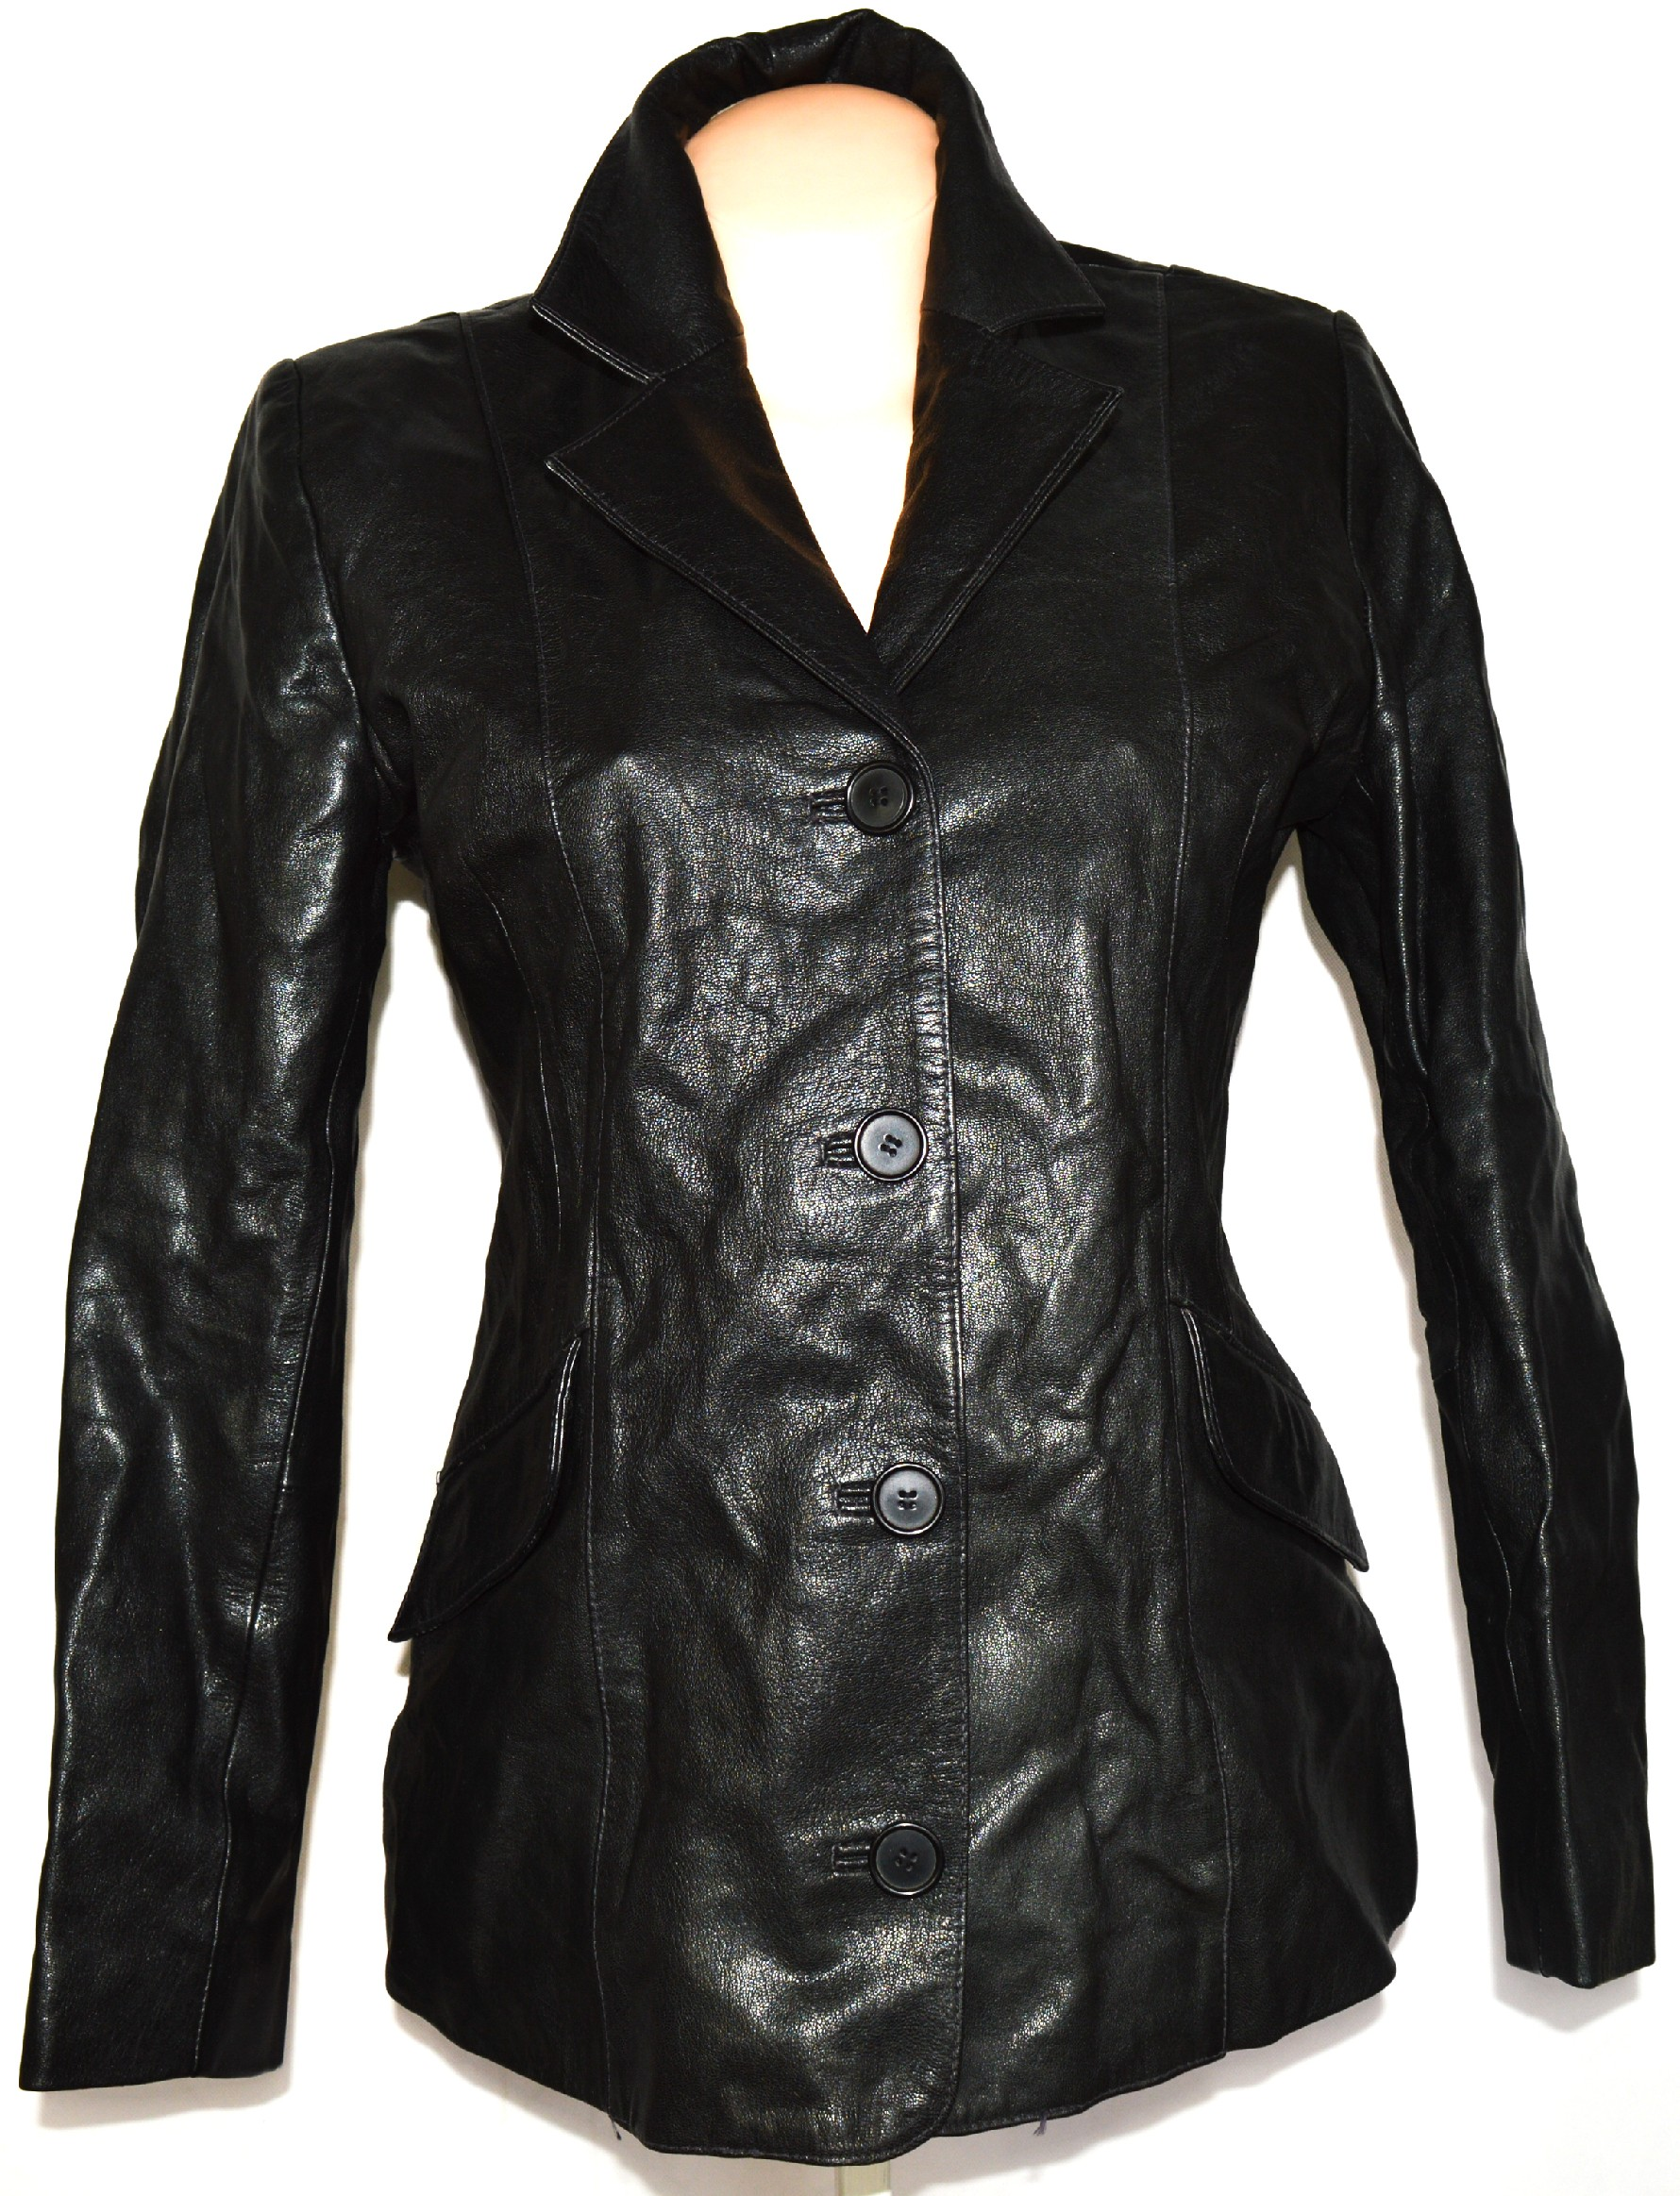 KOŽENÝ dámský černý kabát GAPELLE vel. L 065171b34ef